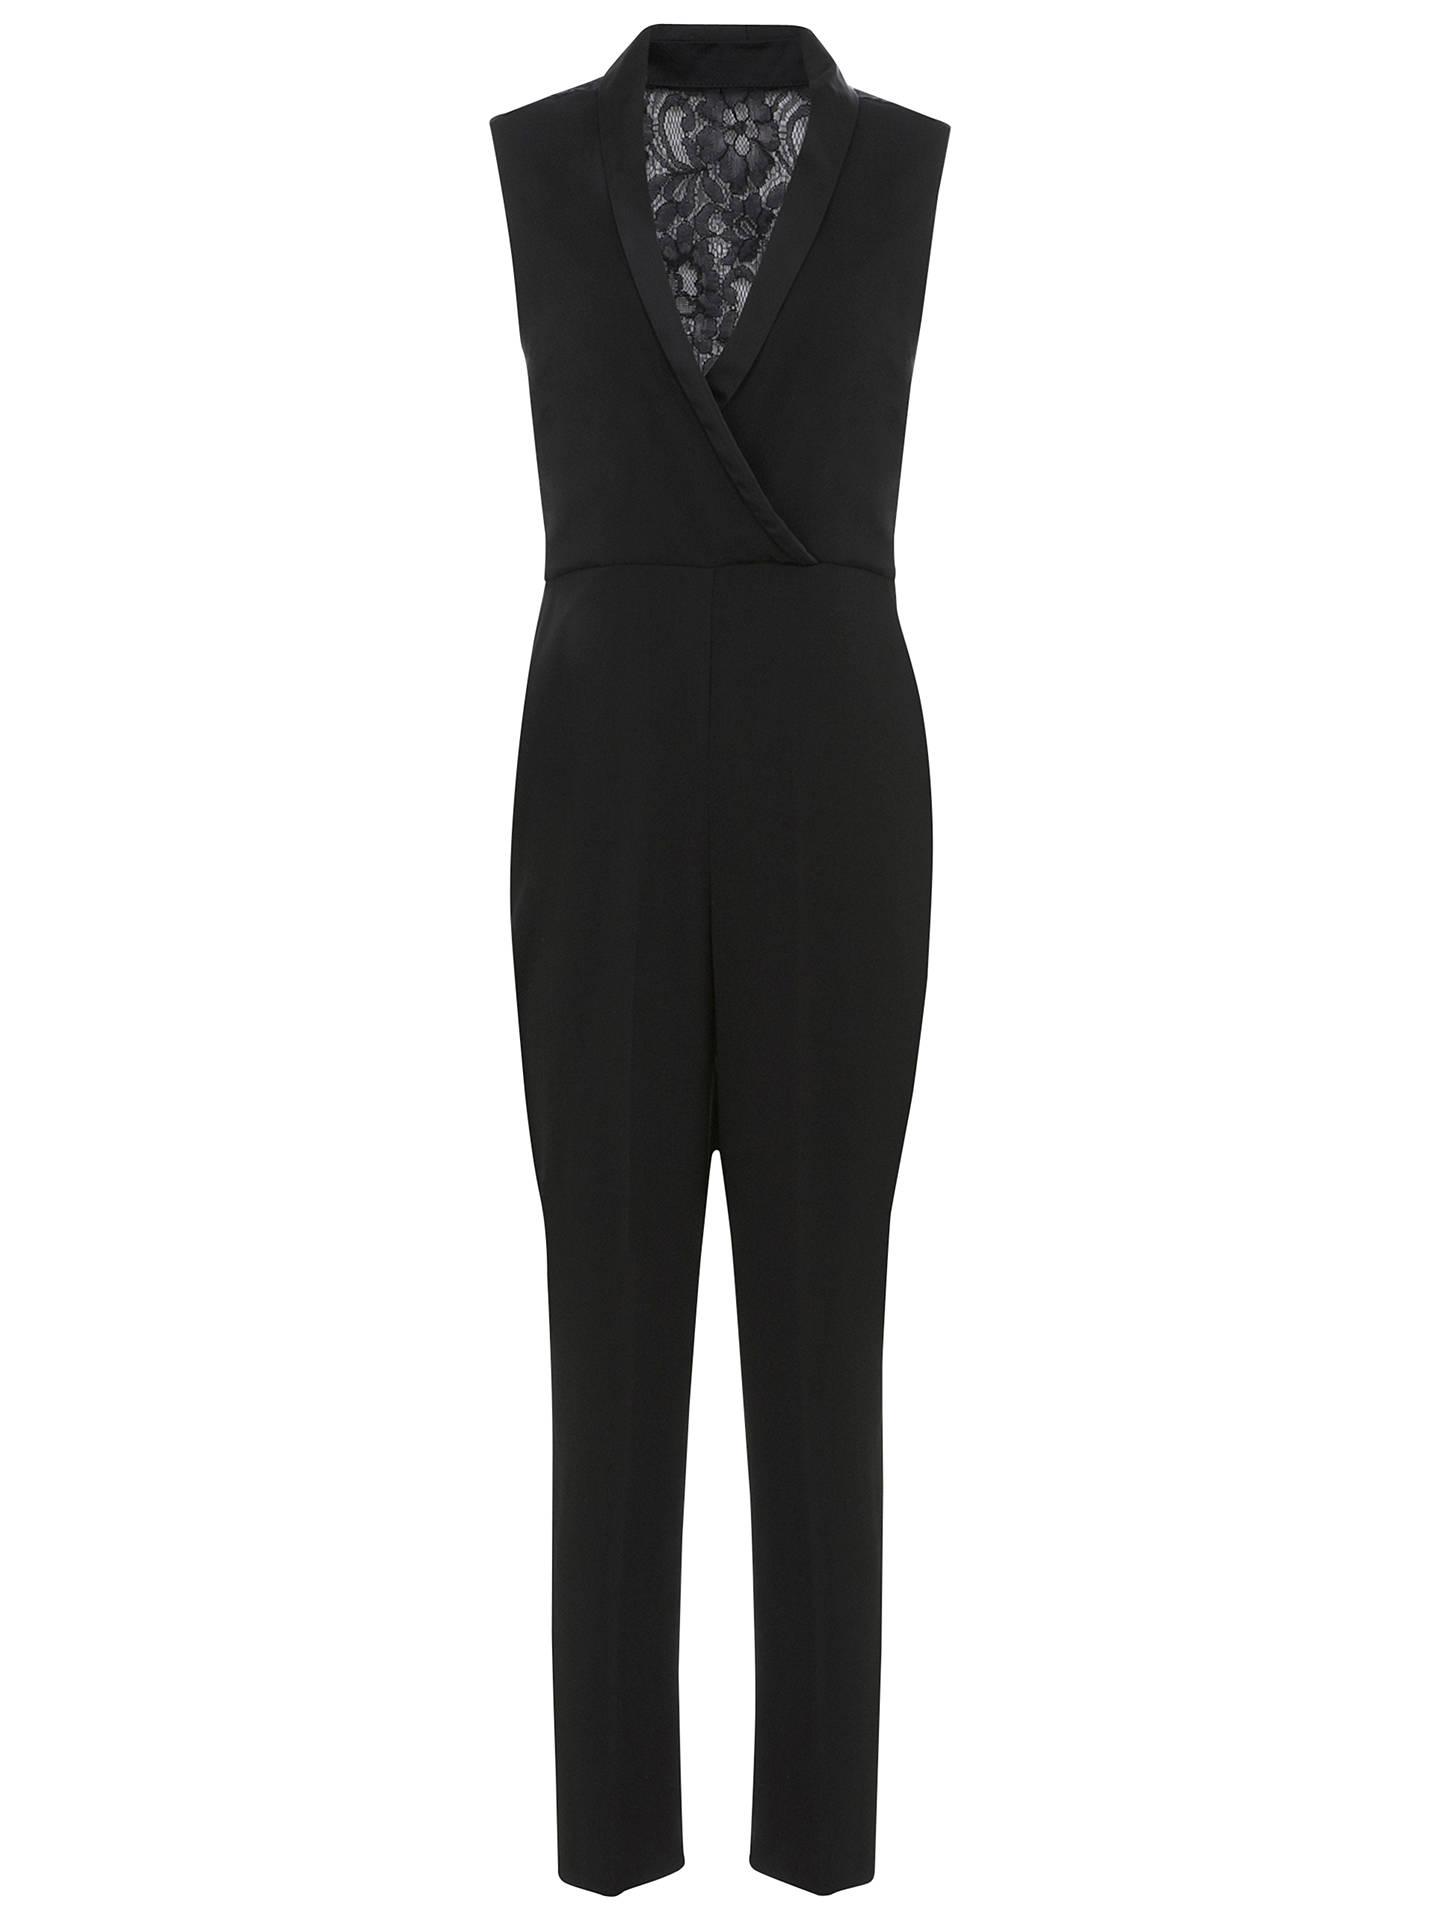 eb234149d57 Buy Miss Selfridge Tux Jumpsuit